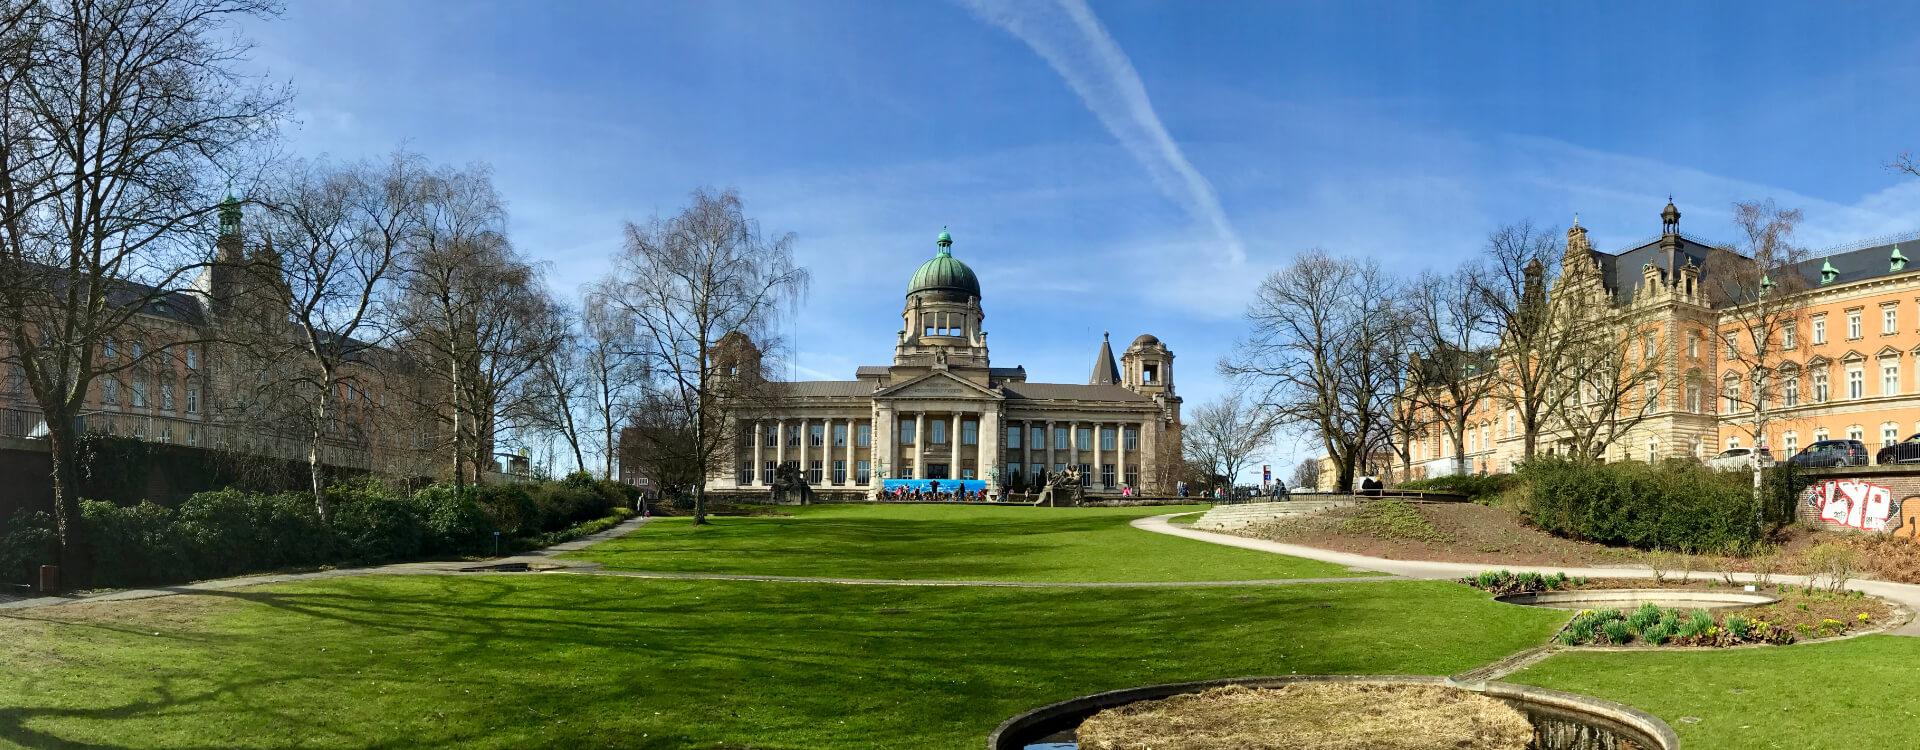 Strafjustiz | Überblick über die Gerichte in Hamburg | LAUDON Kanzlei für Strafrecht und Strafverteidigung